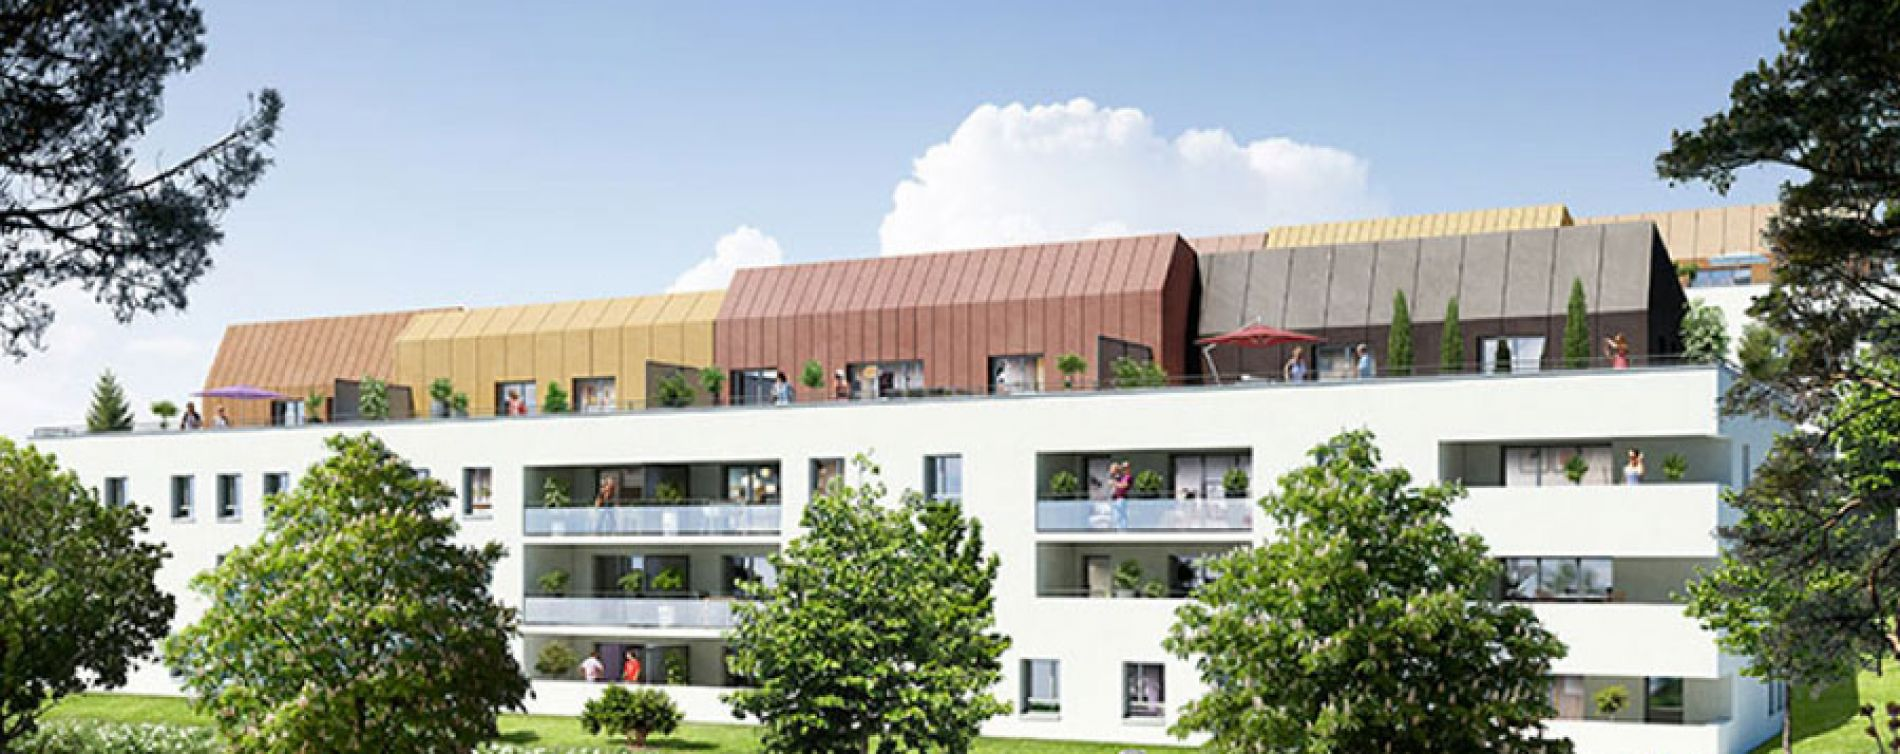 Les terrasses de saint 39 o saint orens de gameville programme immobilier neuf n 212004 - Piscine saint orens de gameville ...